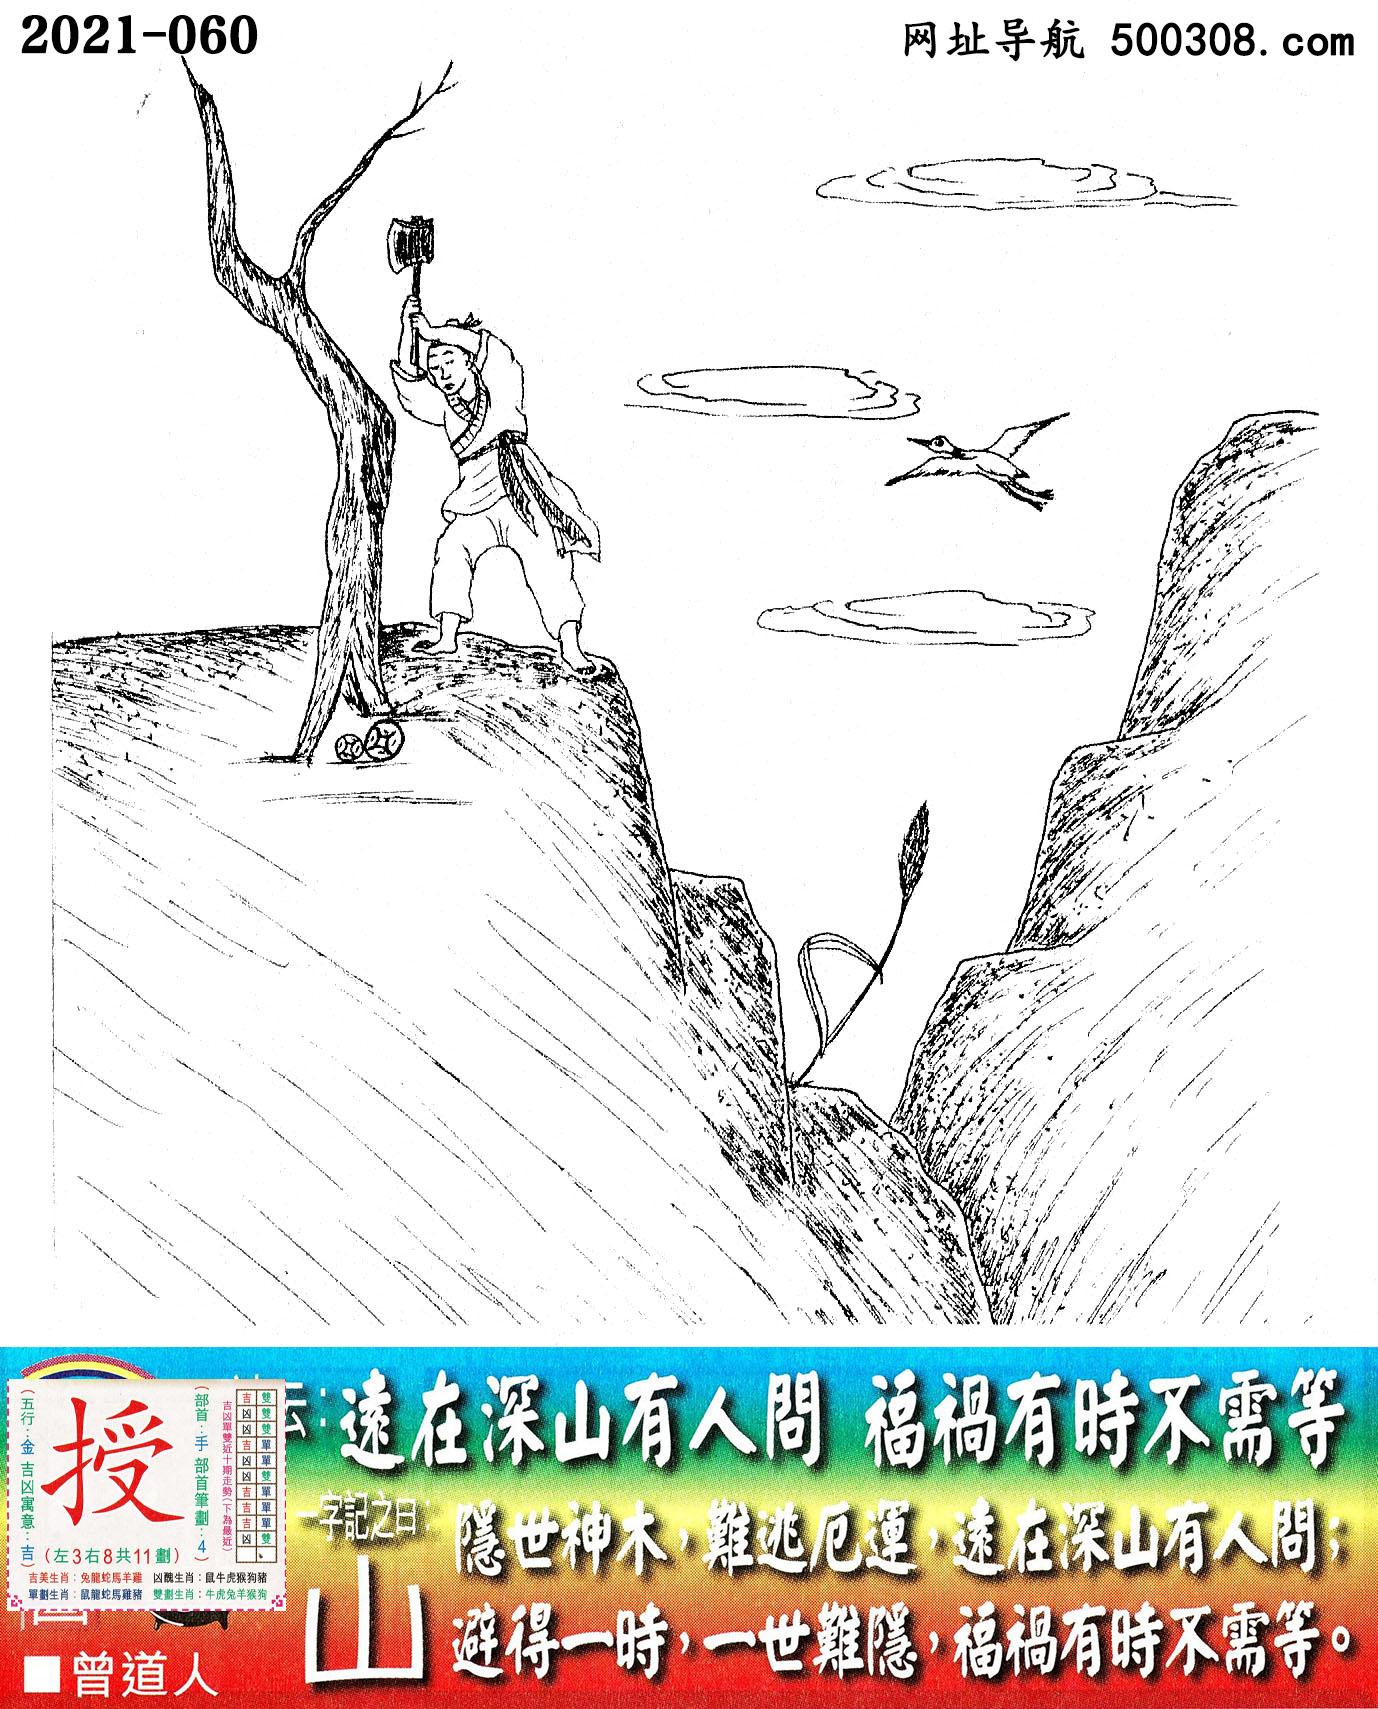 060期老版跑狗一字�之曰:【山】_��:�h在深山有人��,福�有�r不需等。